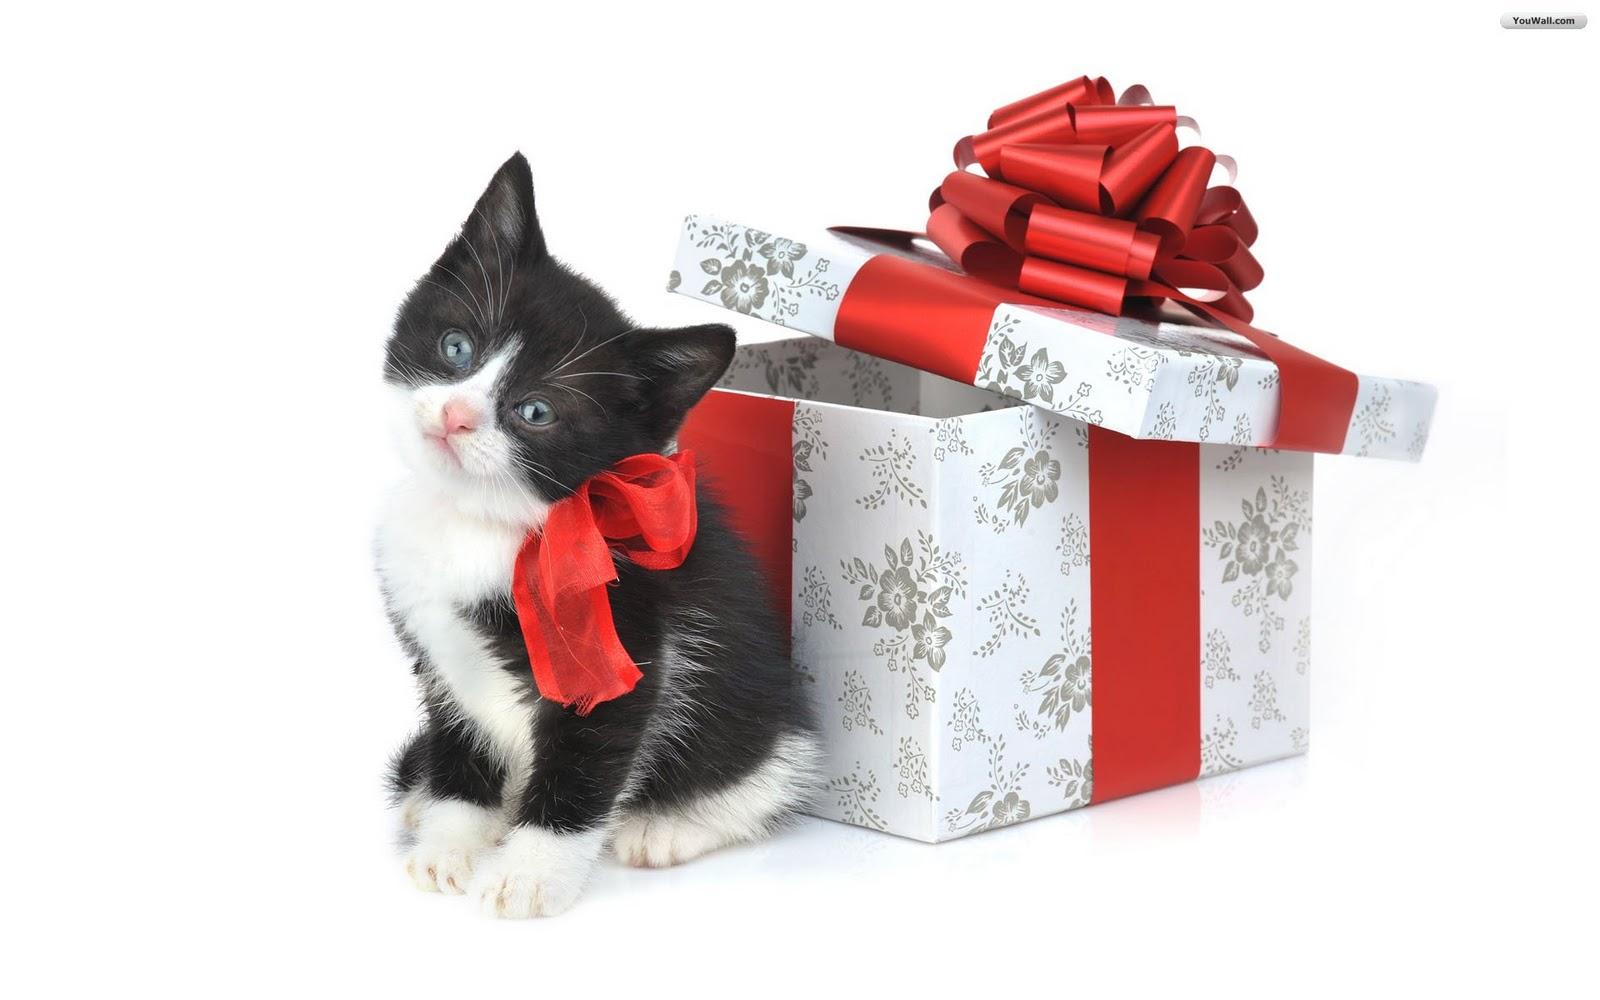 http://2.bp.blogspot.com/_cc27ytOroSM/TRThEwtCHII/AAAAAAAACuY/dWFKRcNOzIA/s1600/christmas_cats_wallpaper_18b43.jpg